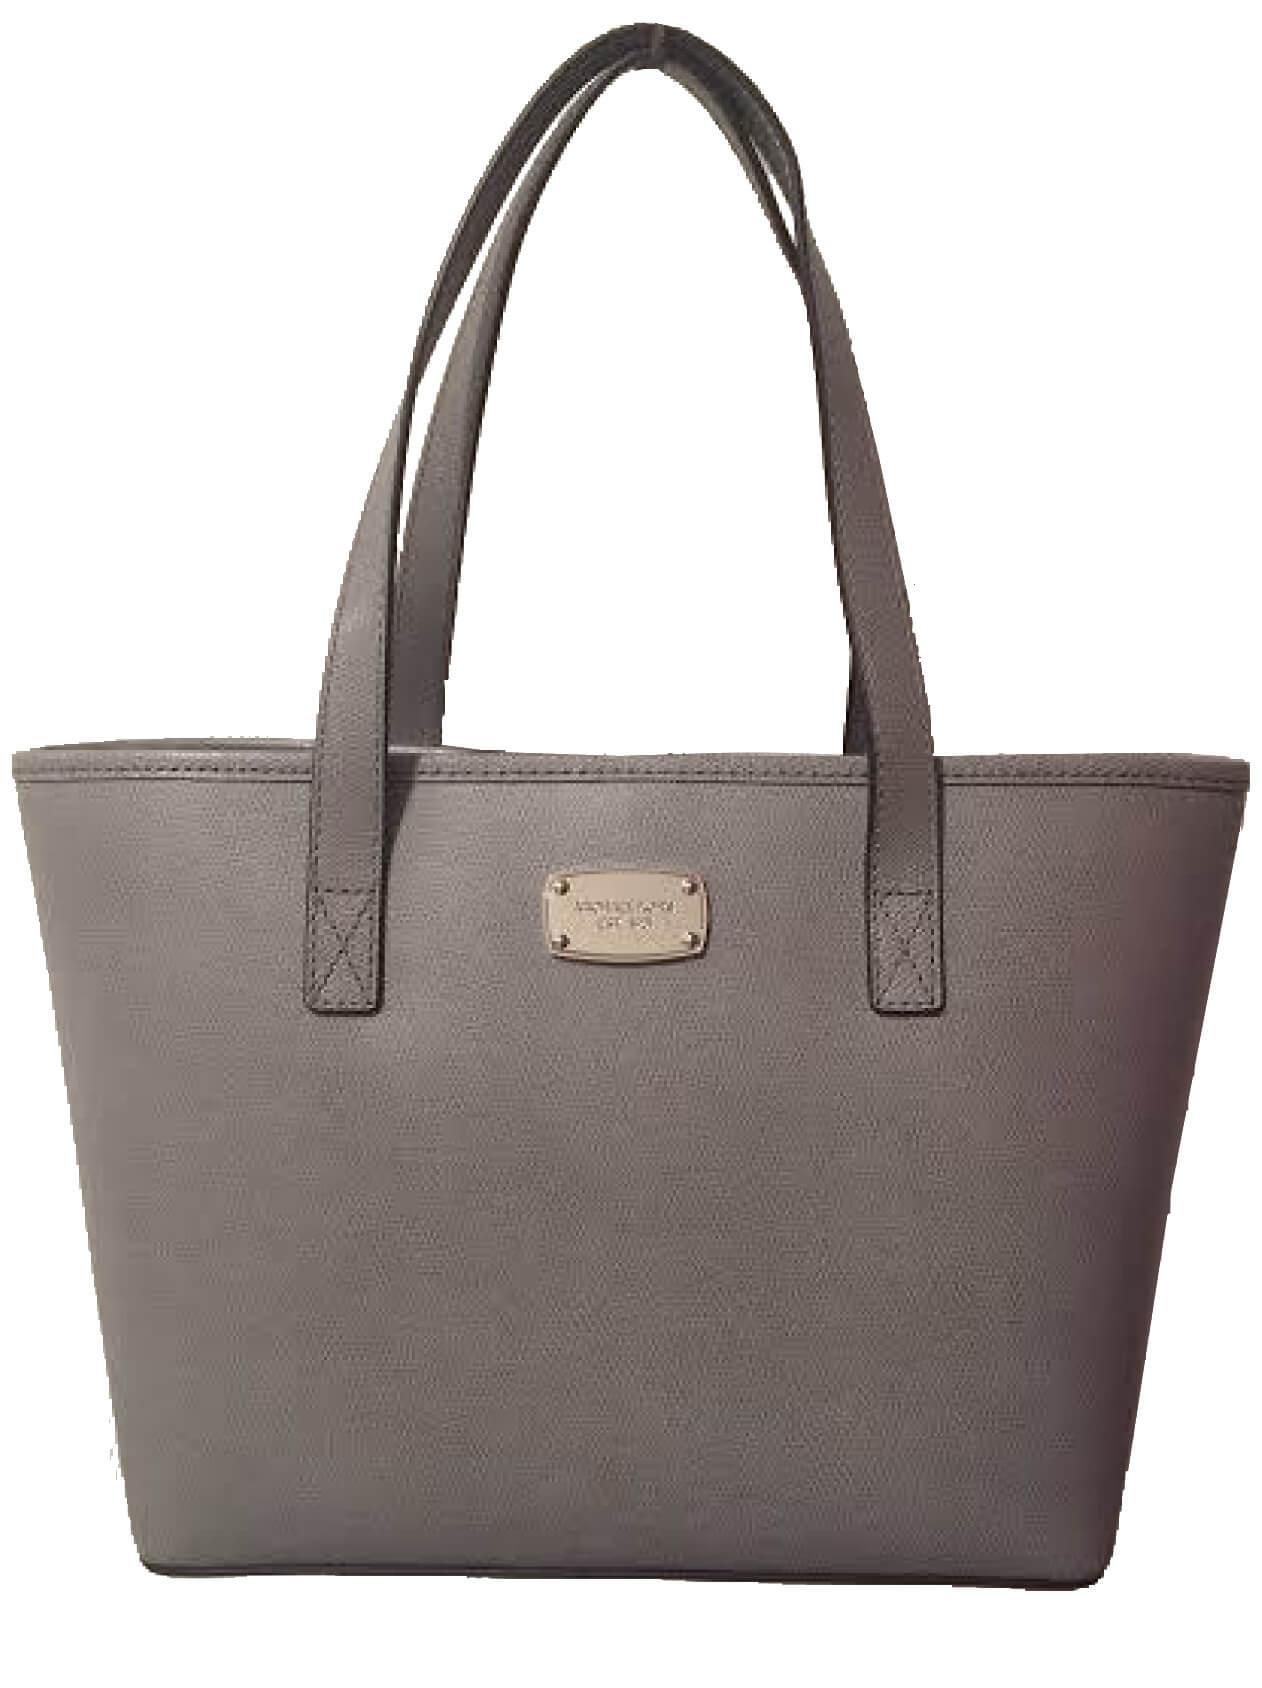 Michael Kors Elegantná kožená business kabelka Jet Set Saffiano Leather  Tote Grey ab5571b8e31